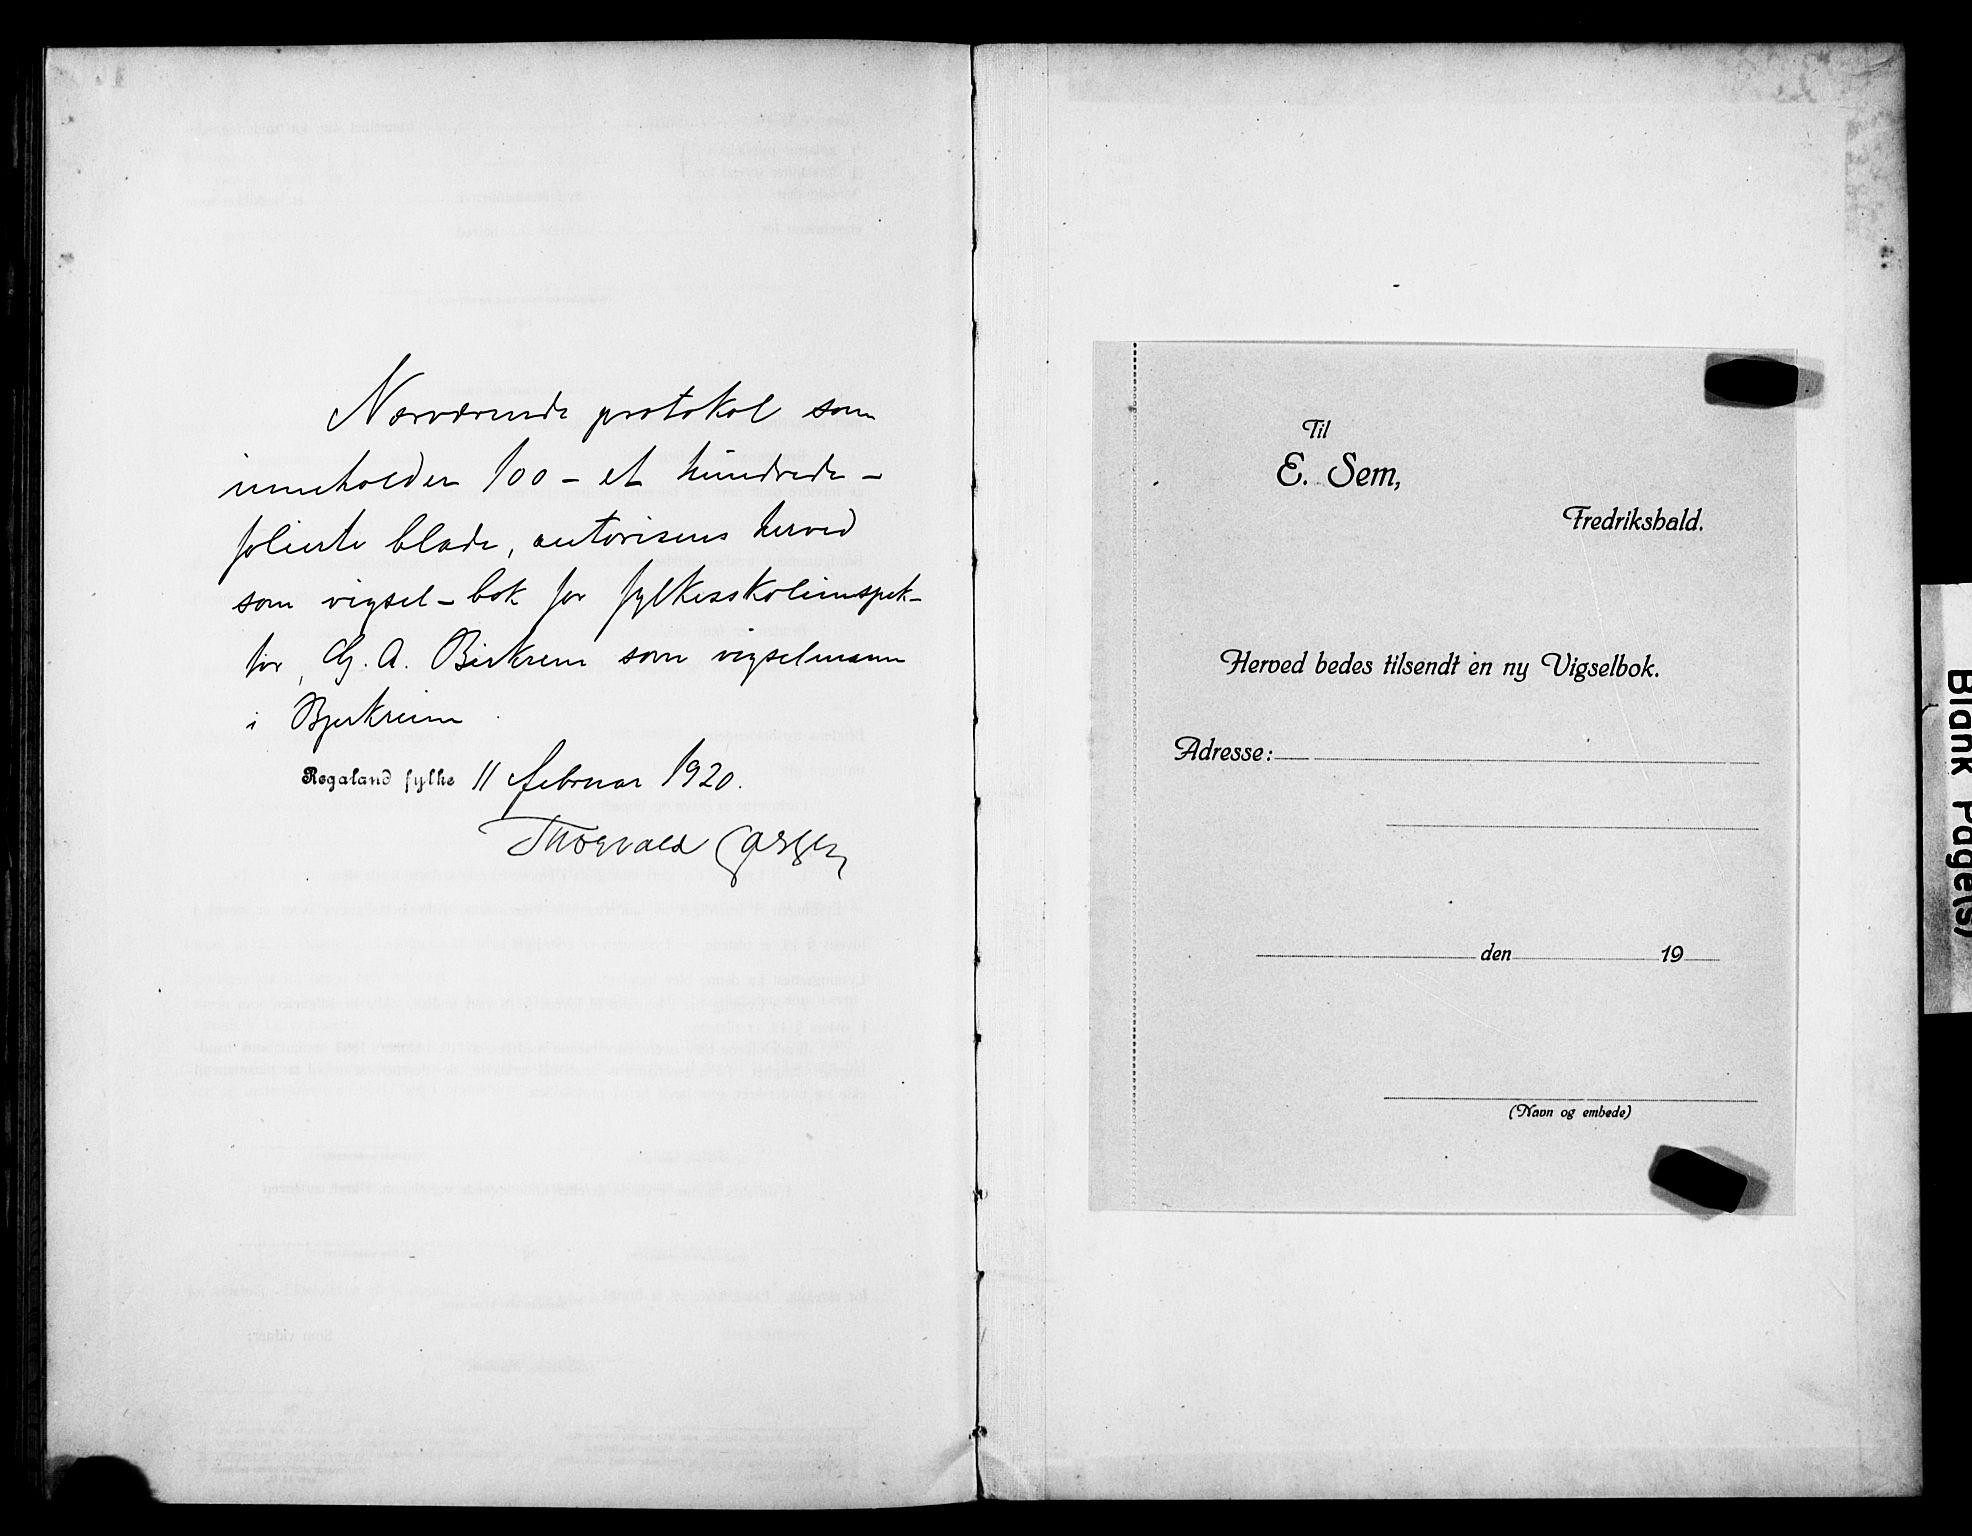 SAST, Helleland sokneprestkontor, Forlovererklæringer nr. 705BAB2, 1920-1920